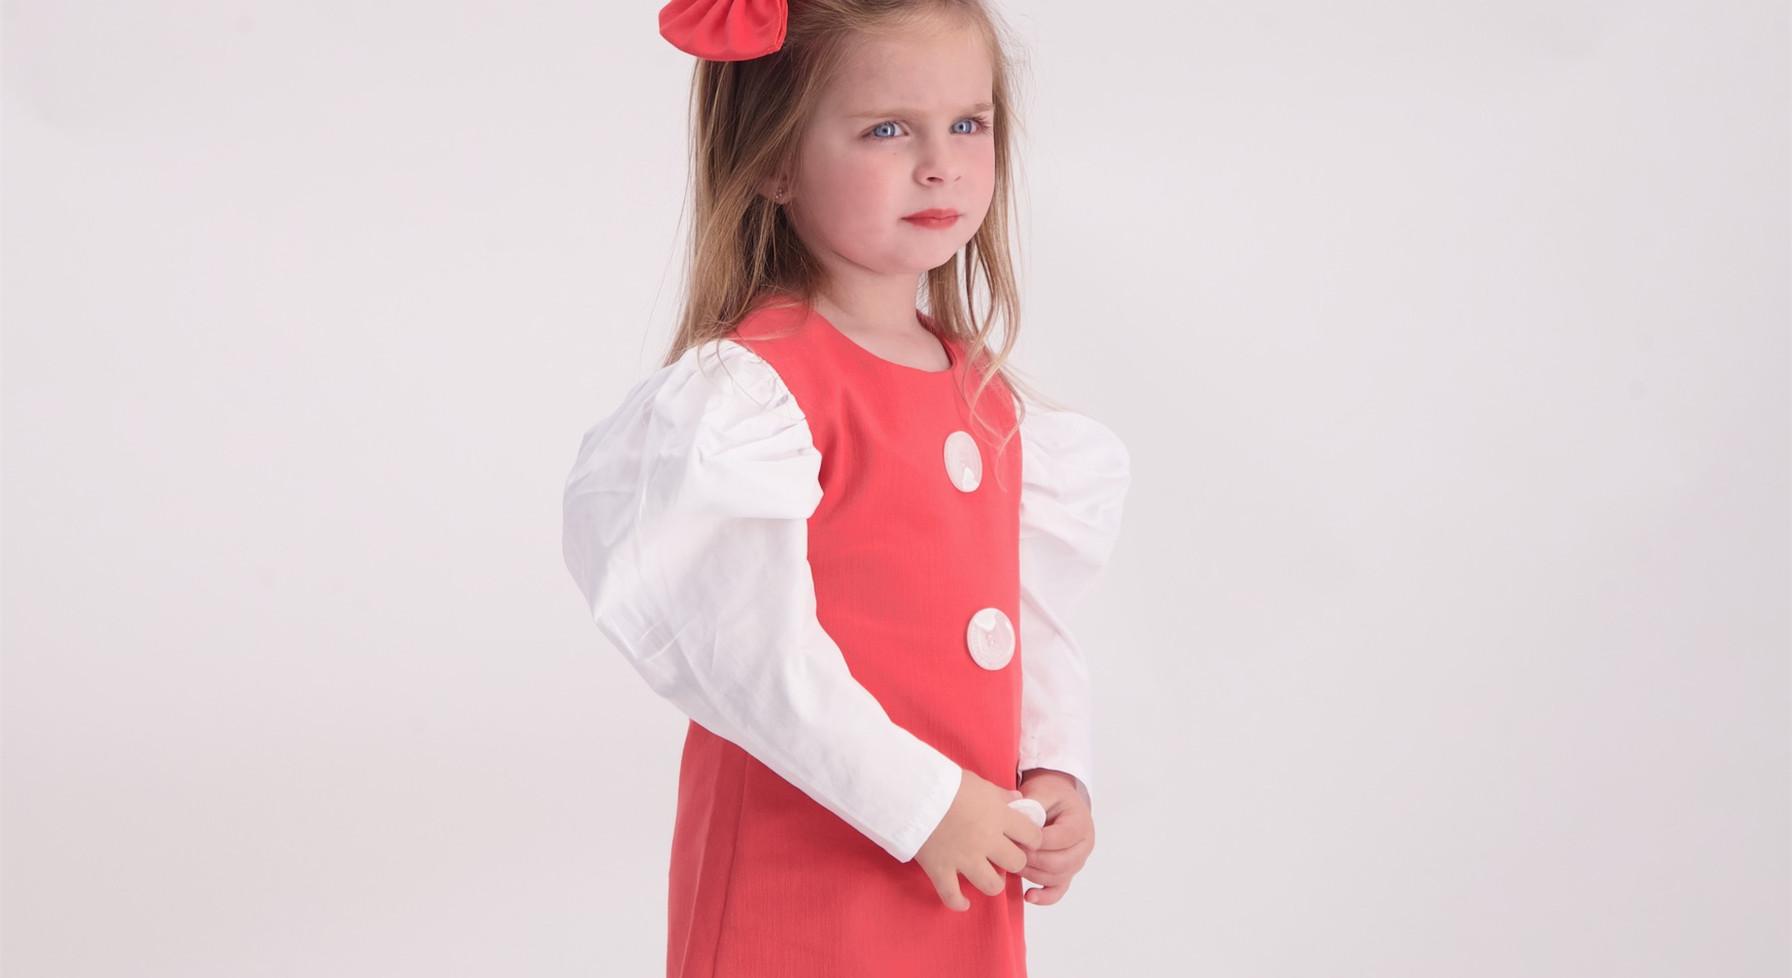 שמלה  נויה malaya   מאליה אופנת ילדים